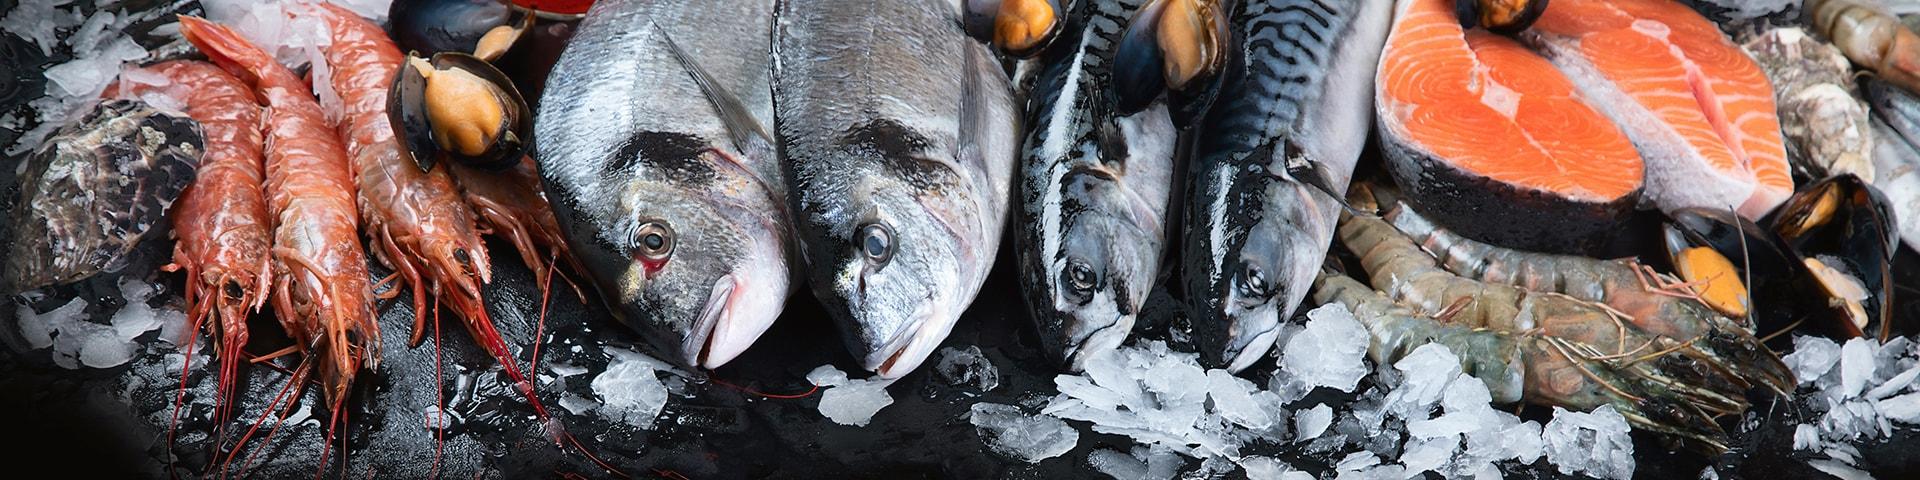 Fisk och skaldjur uppradat